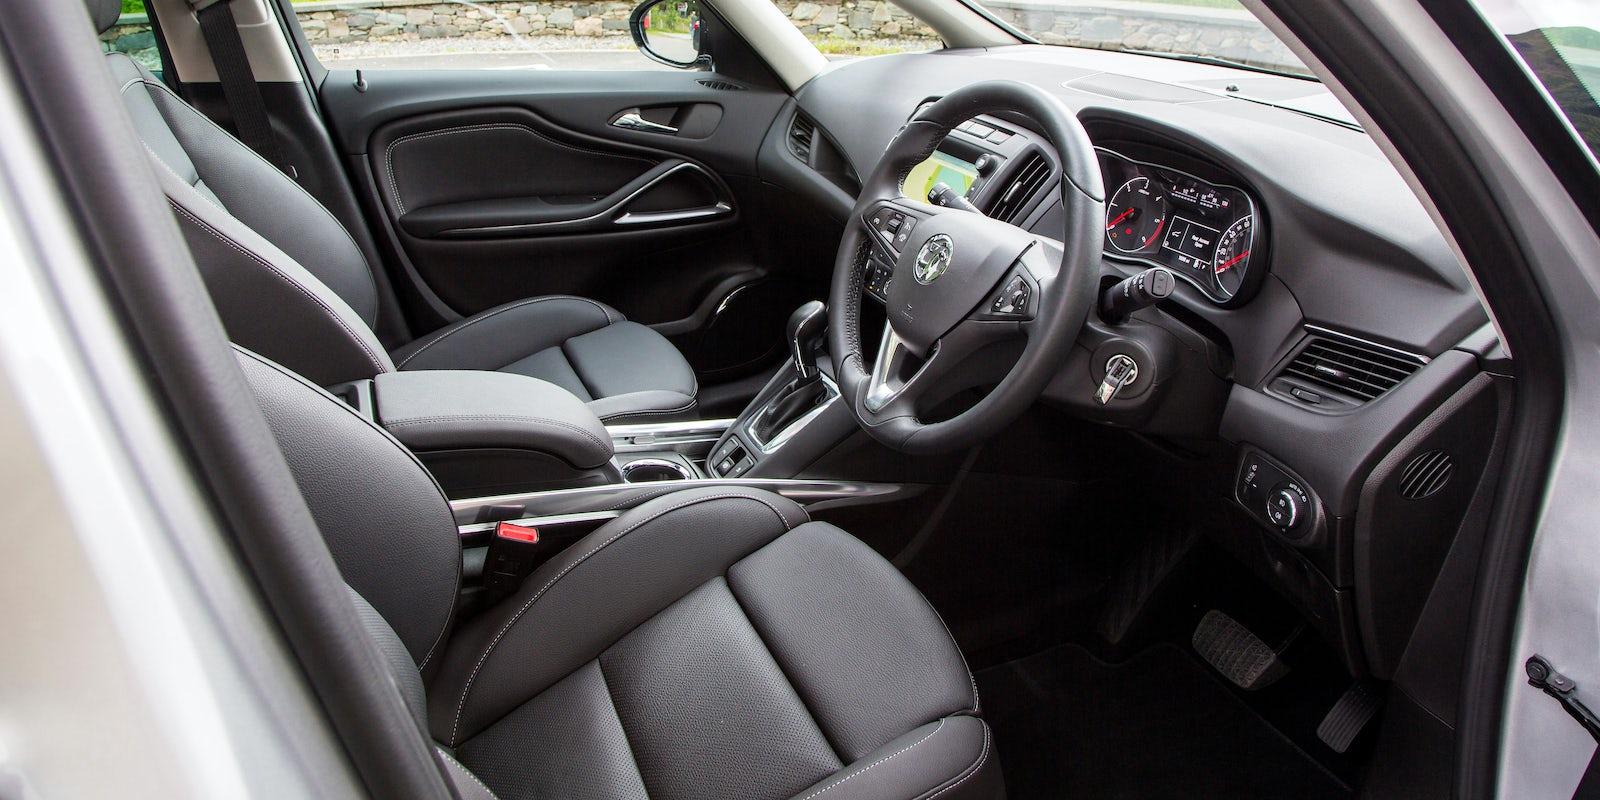 Vauxhall zafira tourer interior and infotainment carwow for Interior zafira tourer